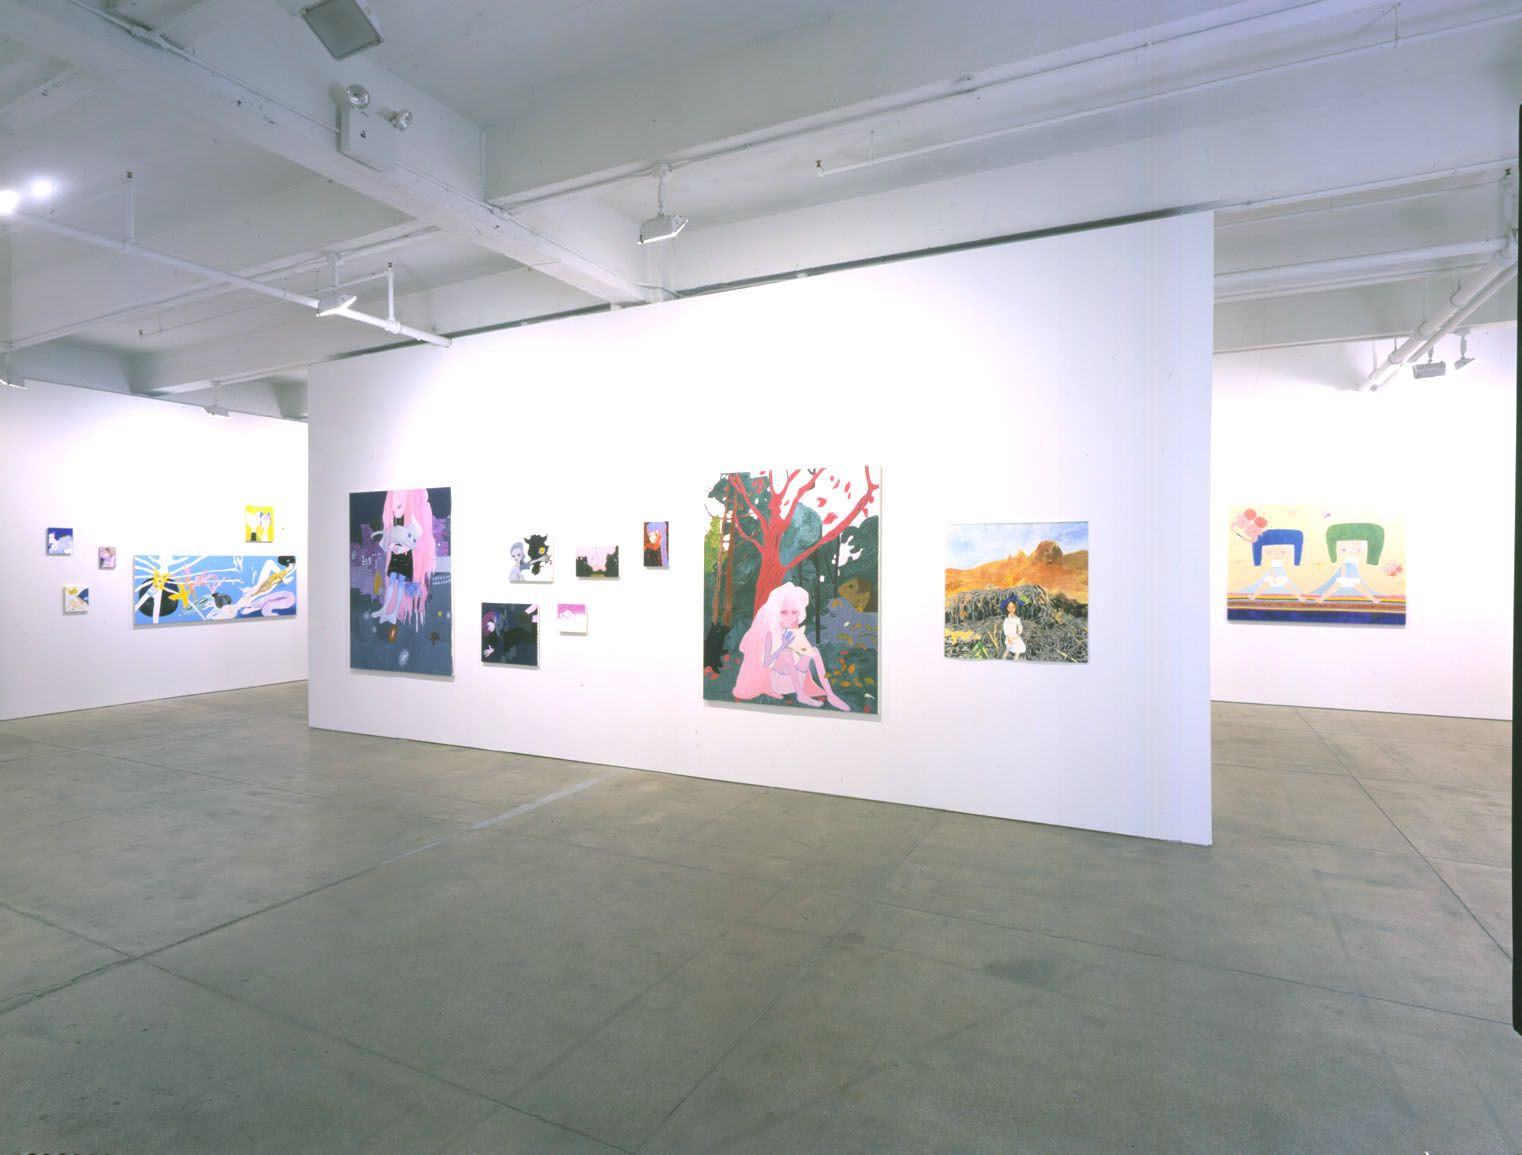 Tokyo Girls Bravo (Installation View), Marianne Boesky Gallery, 2004